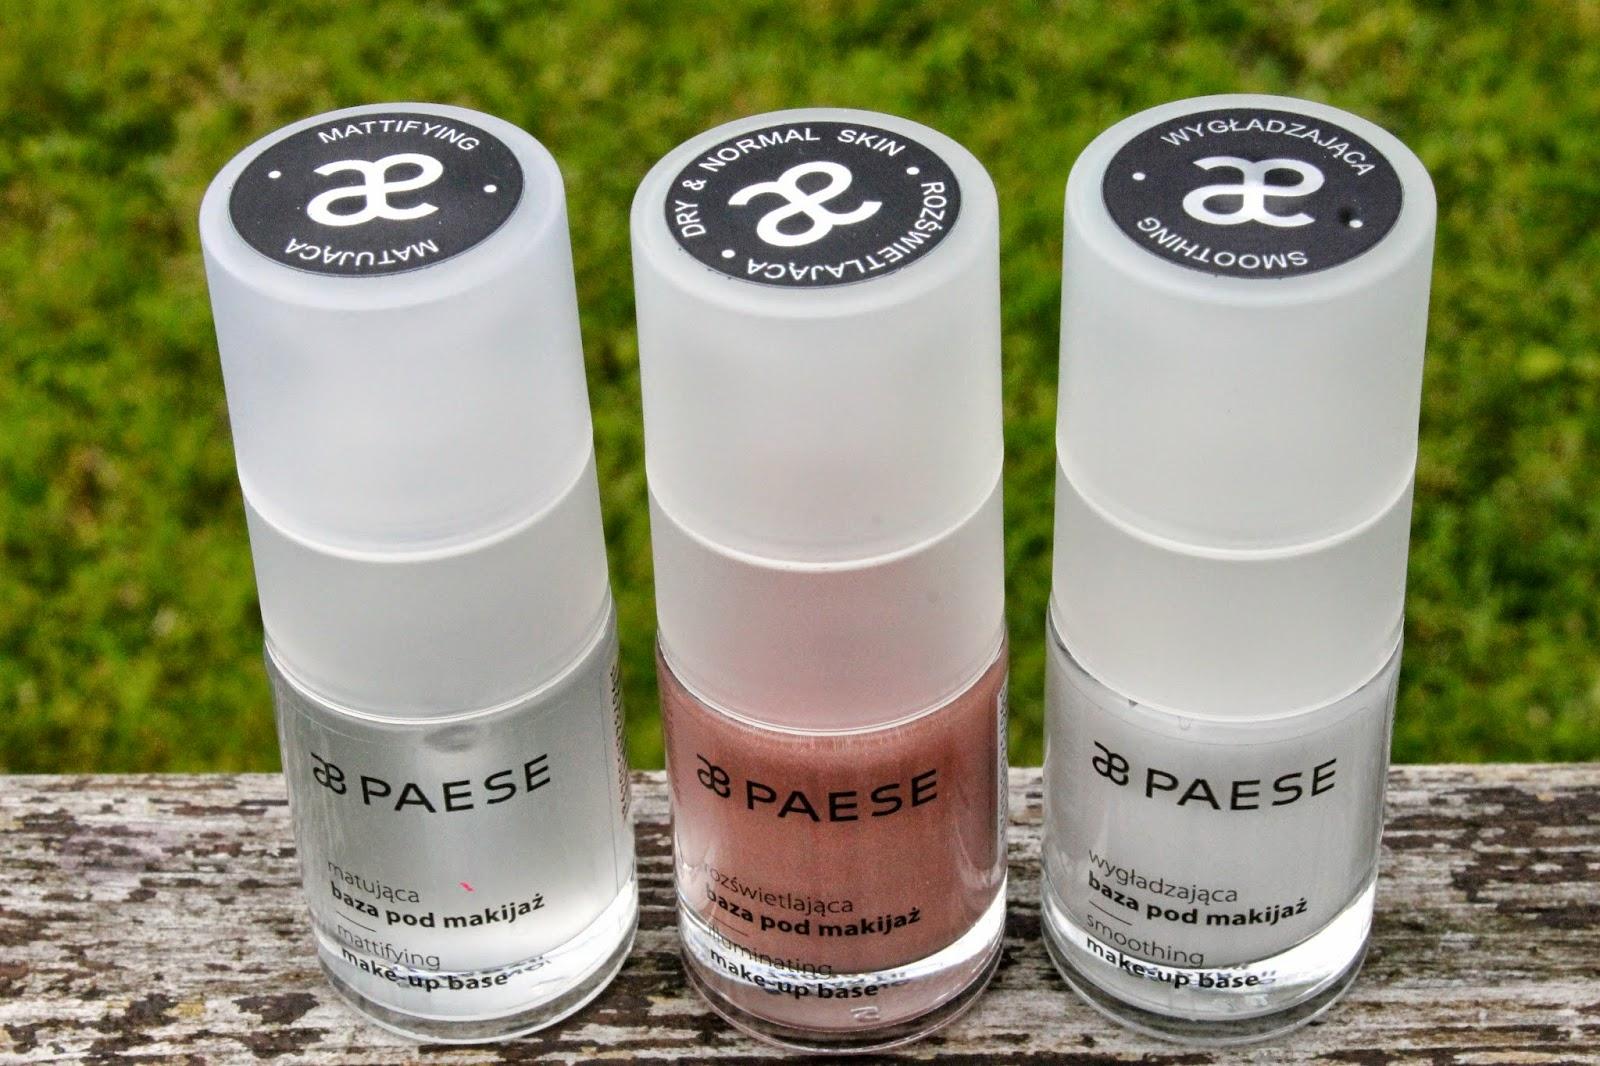 Imagini pentru PAESE Illuminating Make-up Base